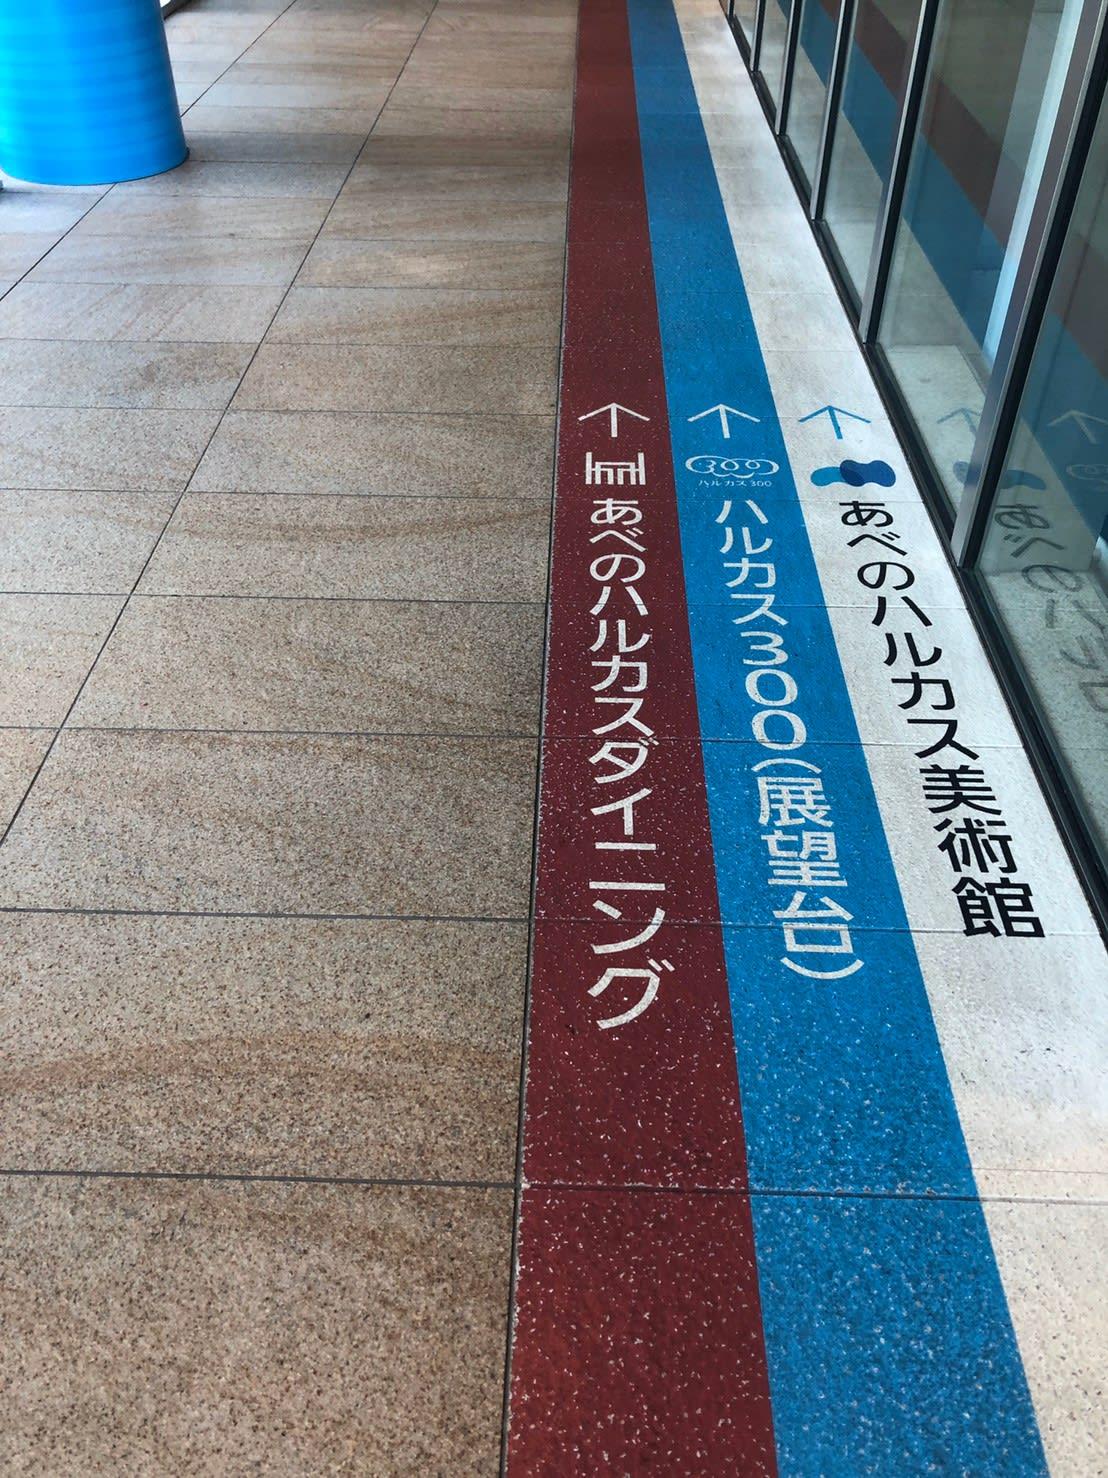 カラヴァッジョ展行き方 (5)